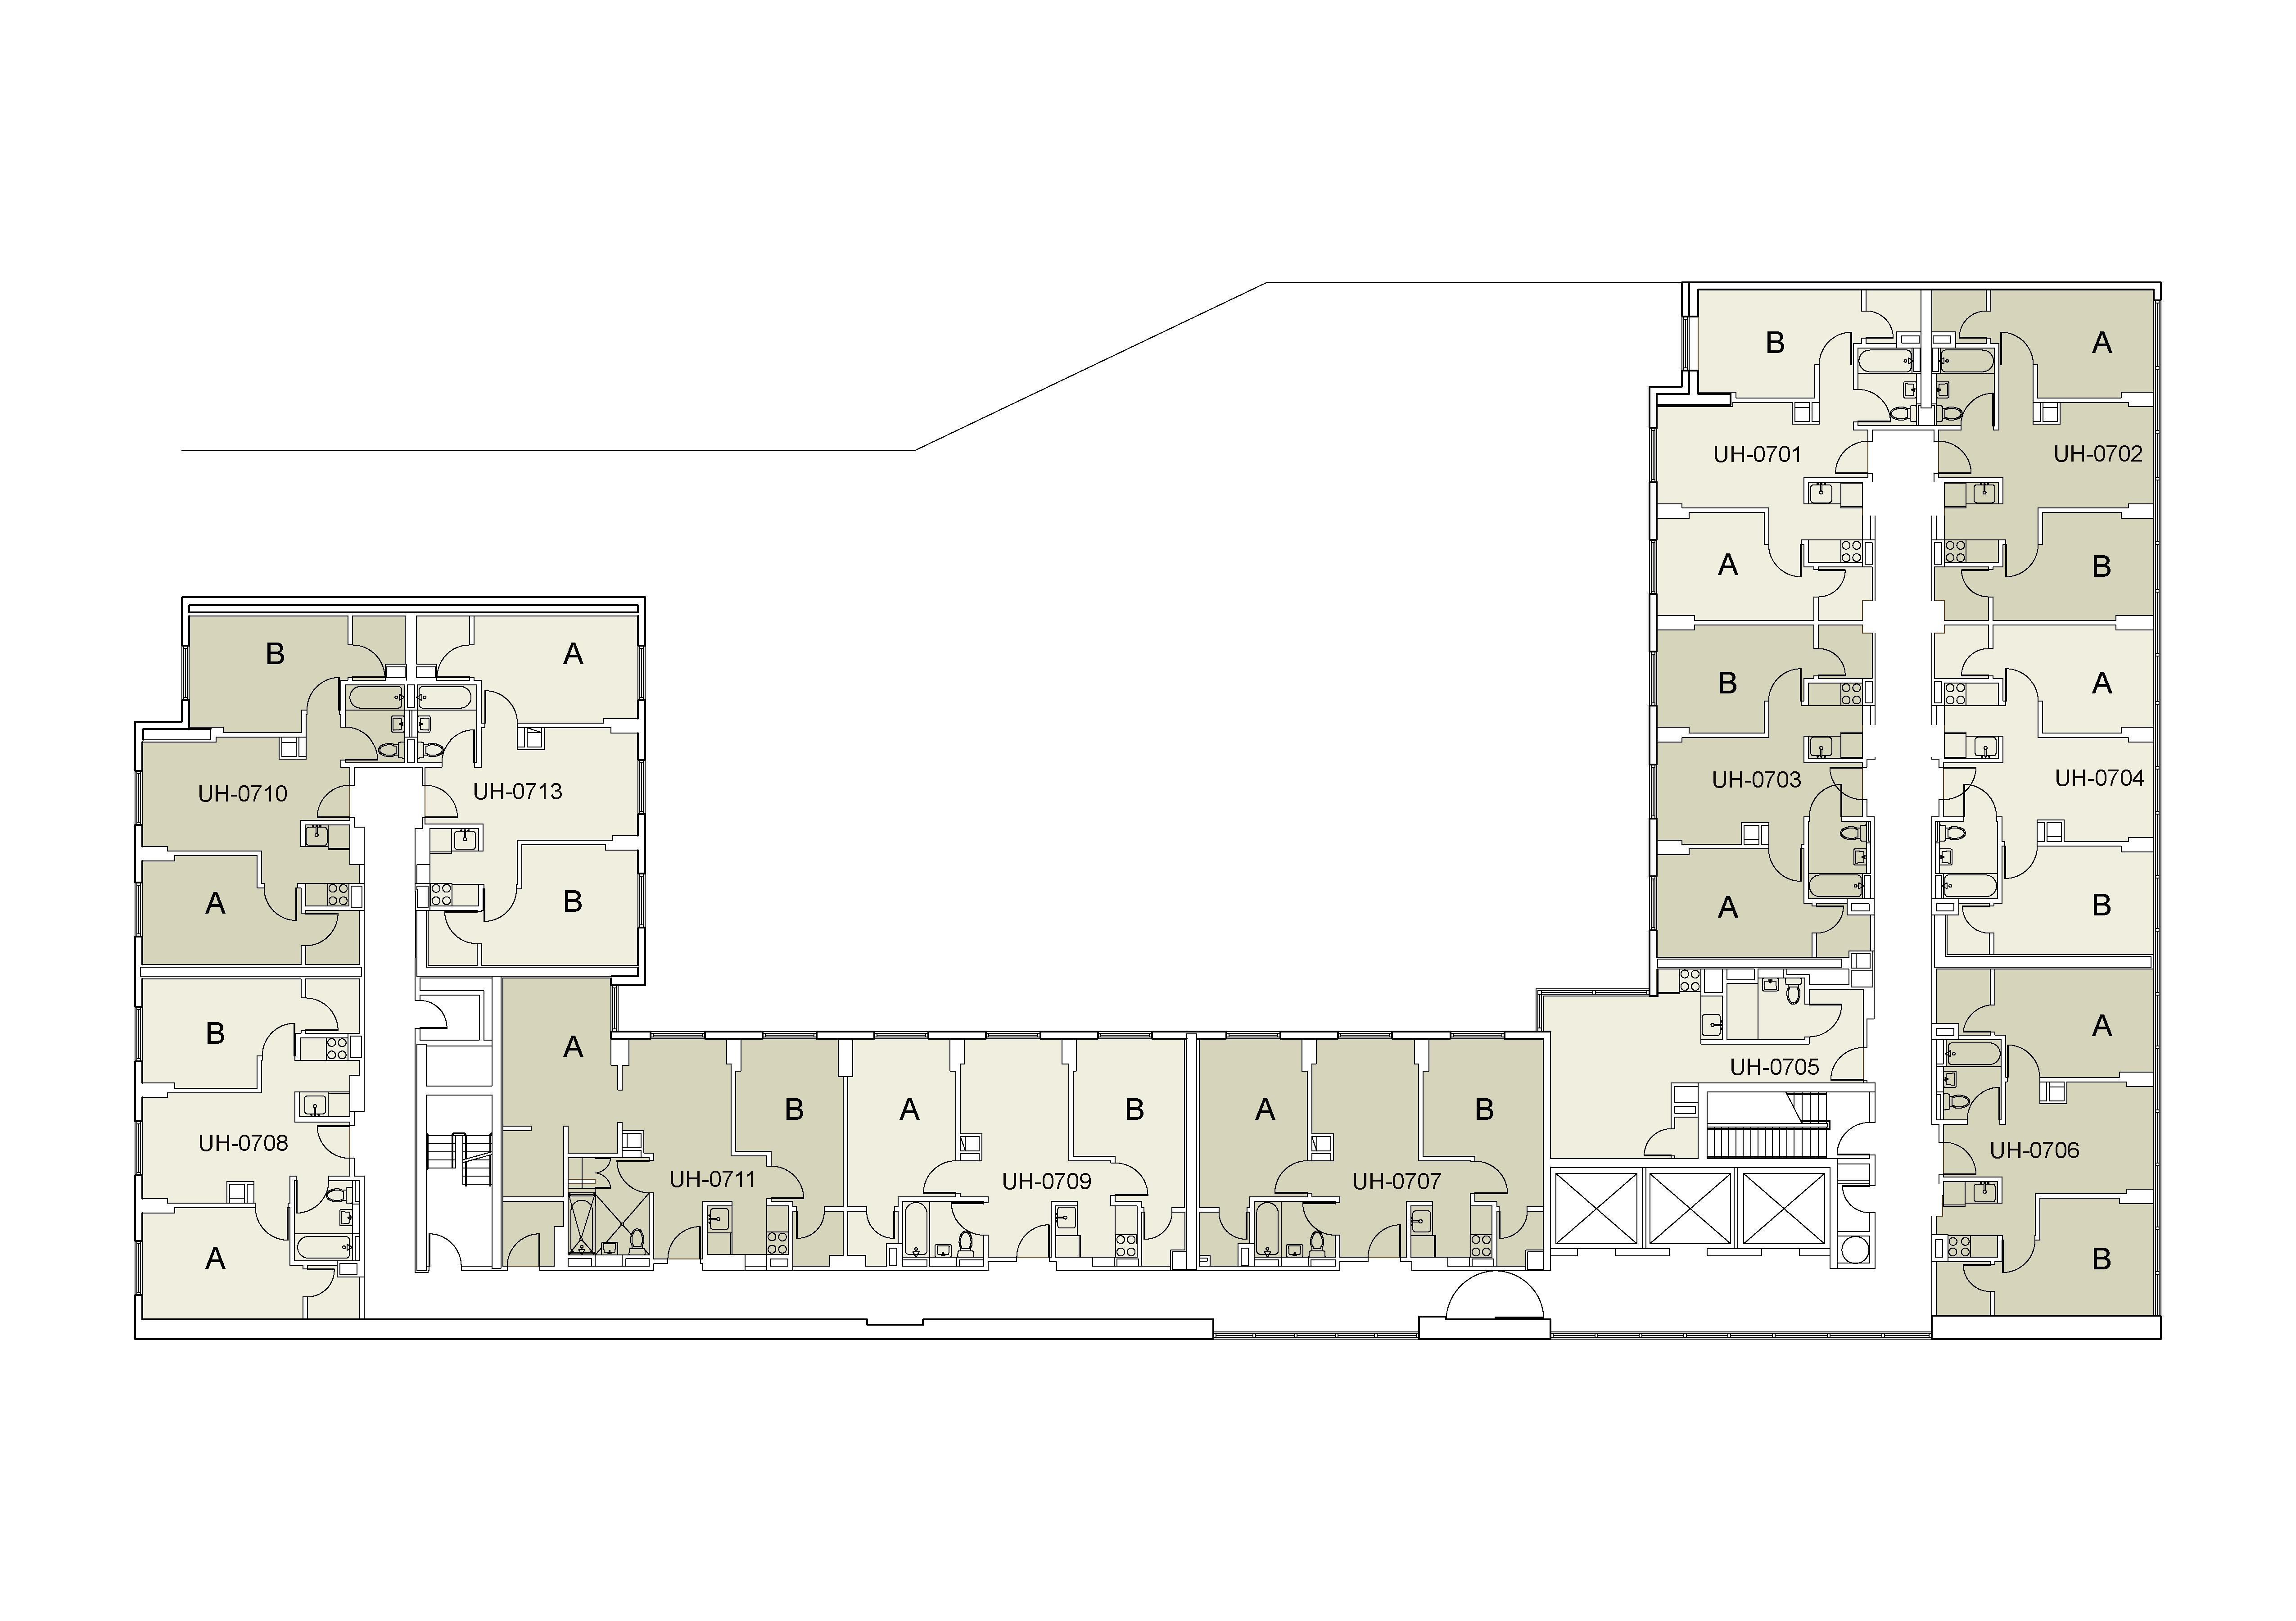 Floor plan for U Hall Floor 07